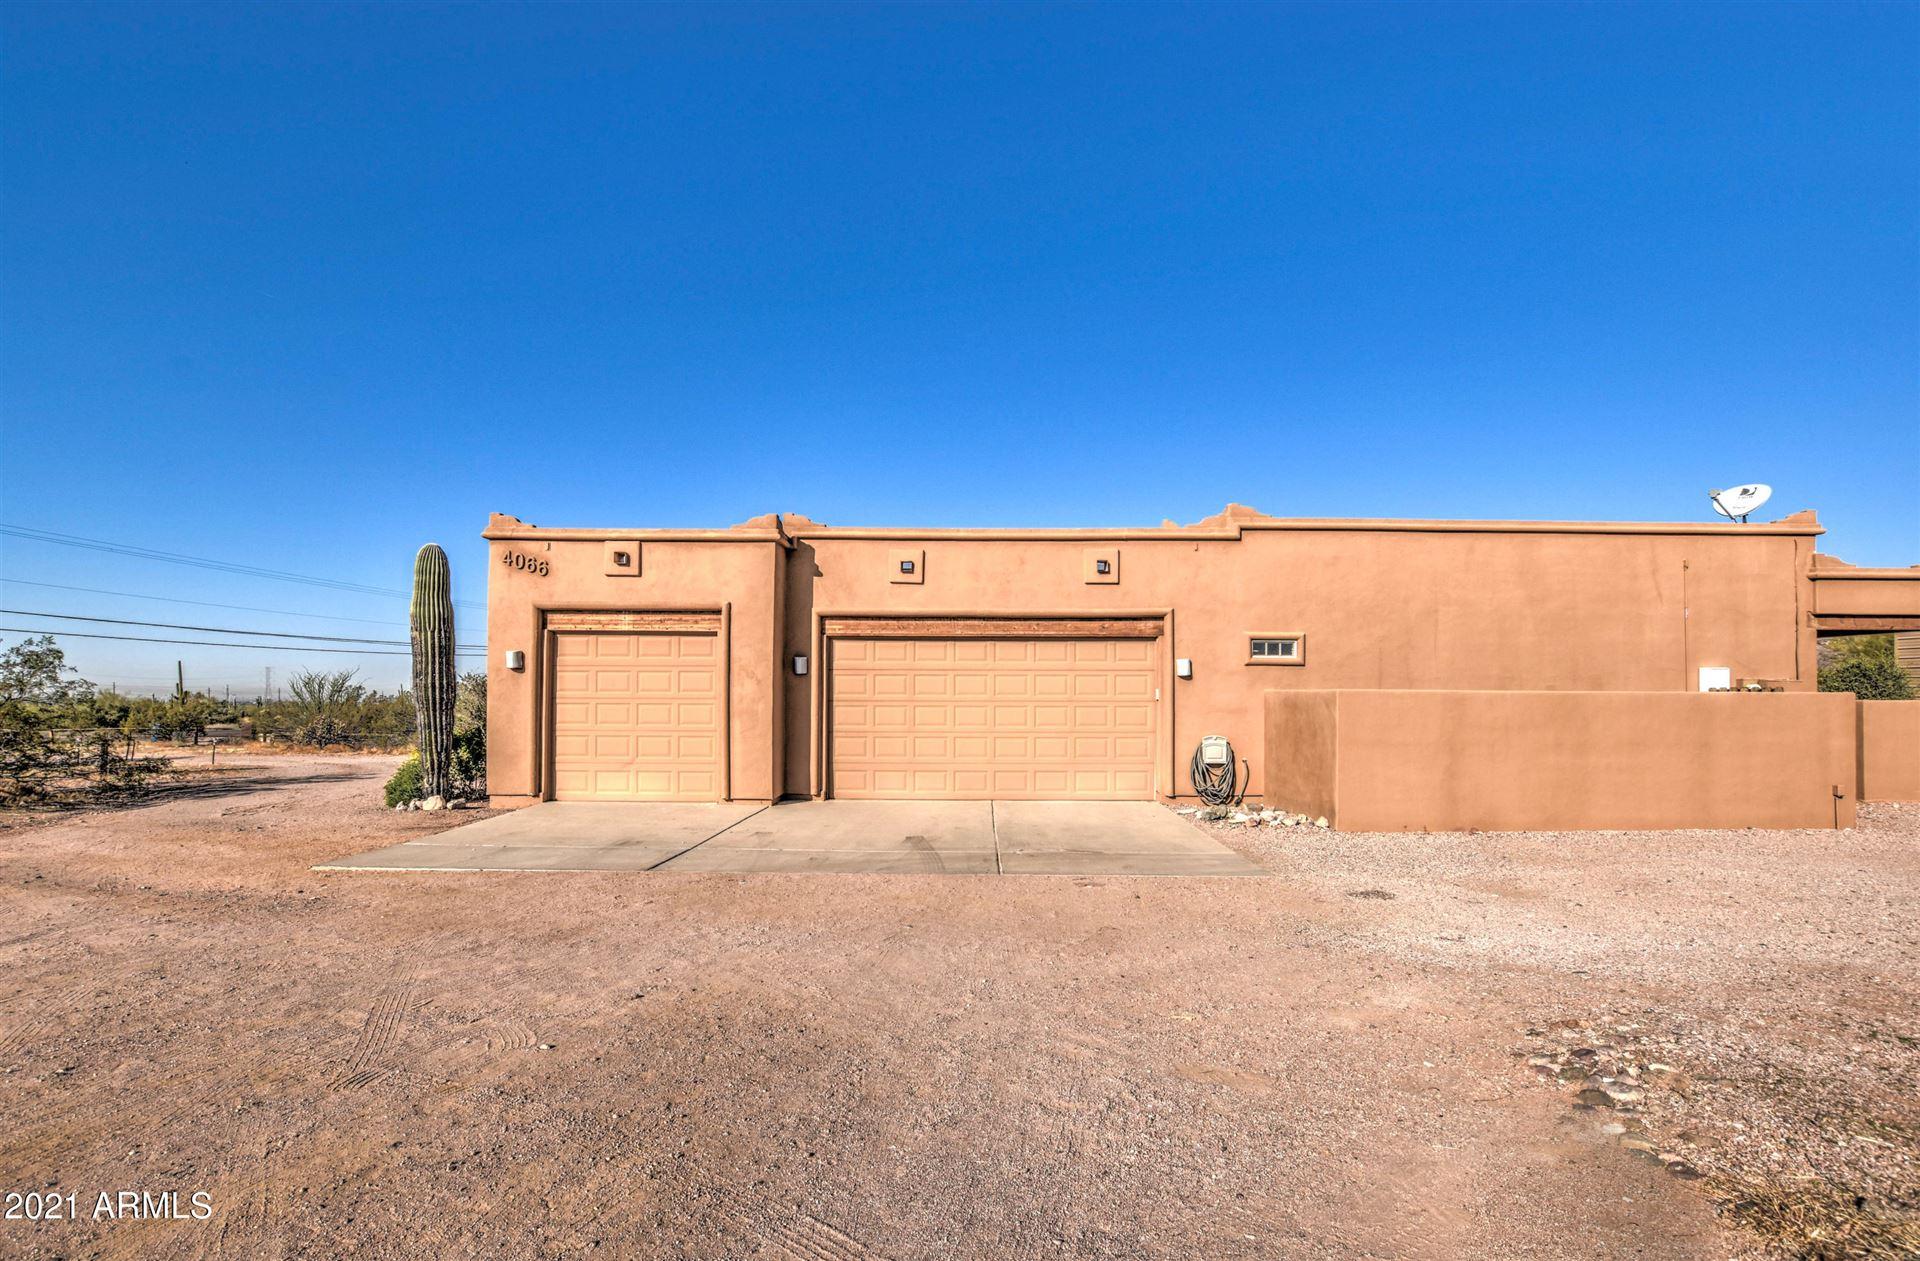 Photo of 4066 N CACTUS Road, Apache Junction, AZ 85119 (MLS # 6198210)